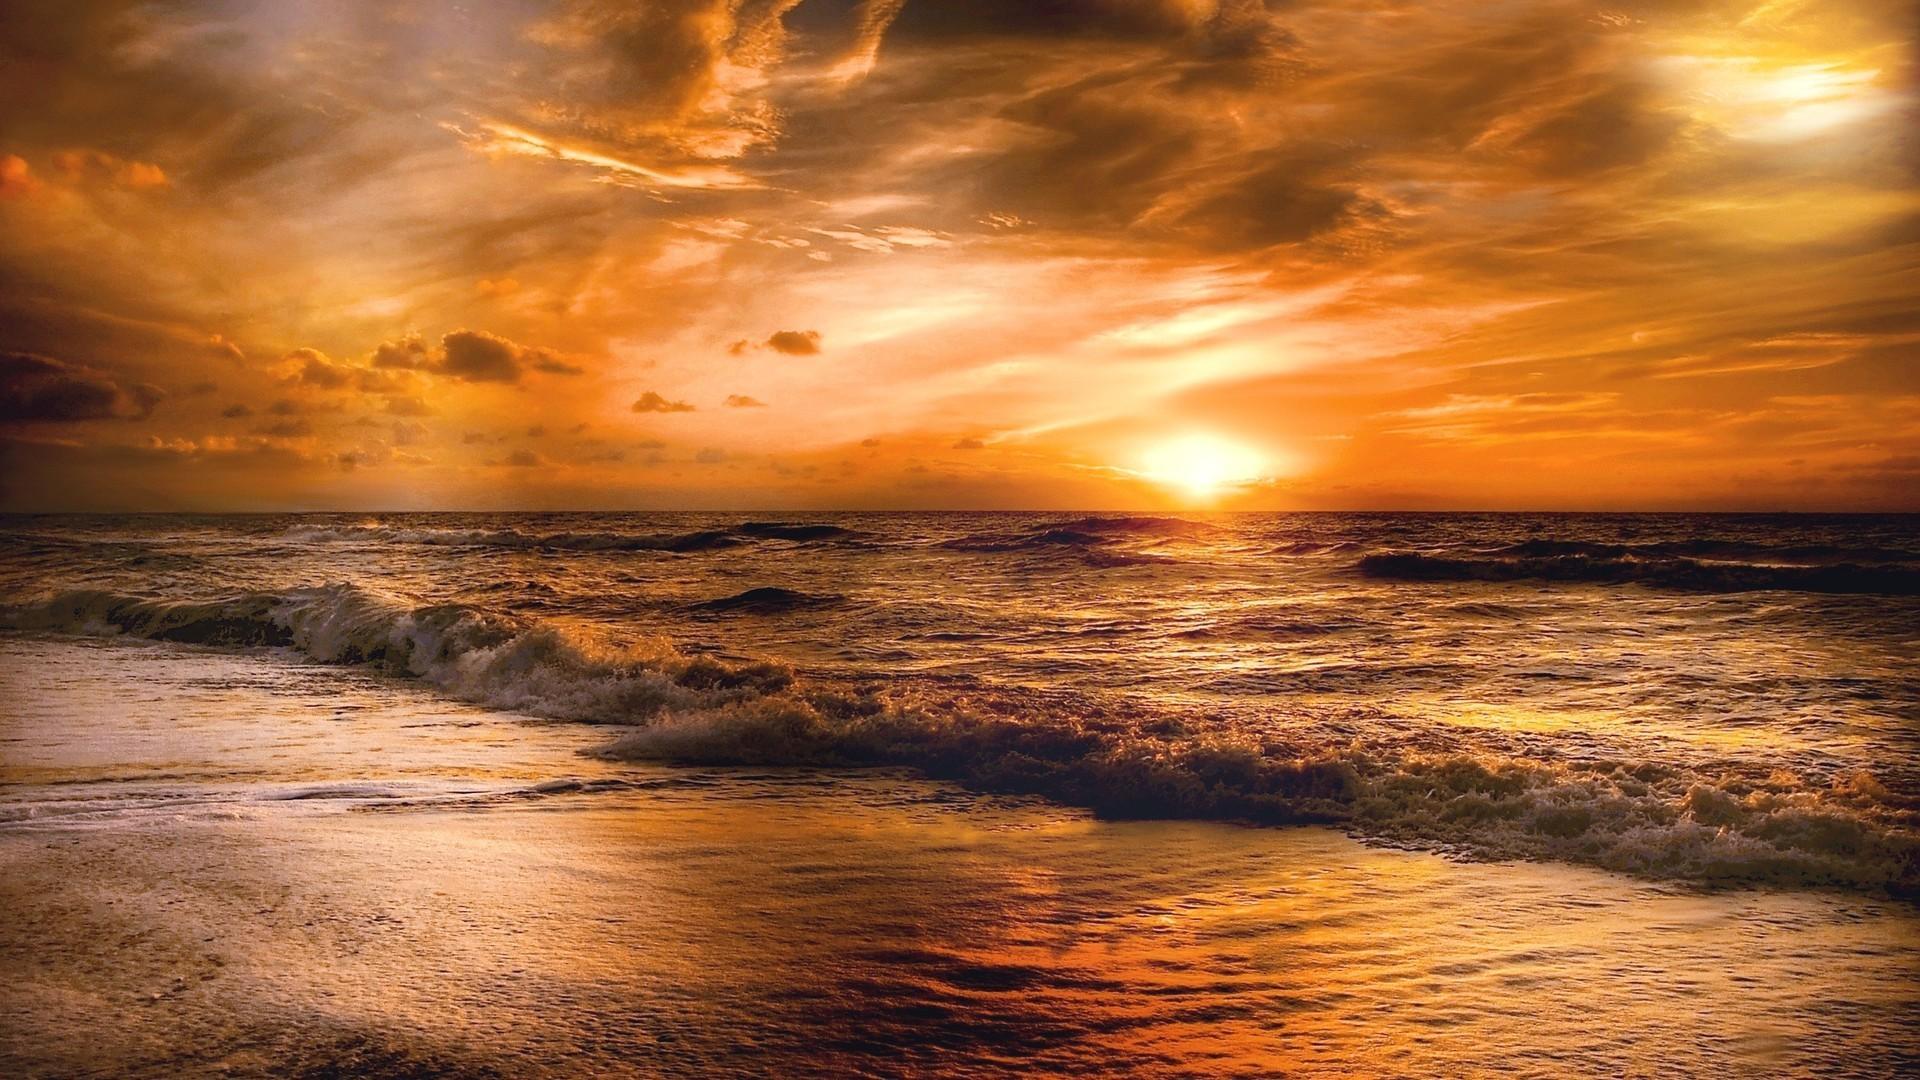 Ảnh nền thiên nhiên bờ biển sóng vỗ